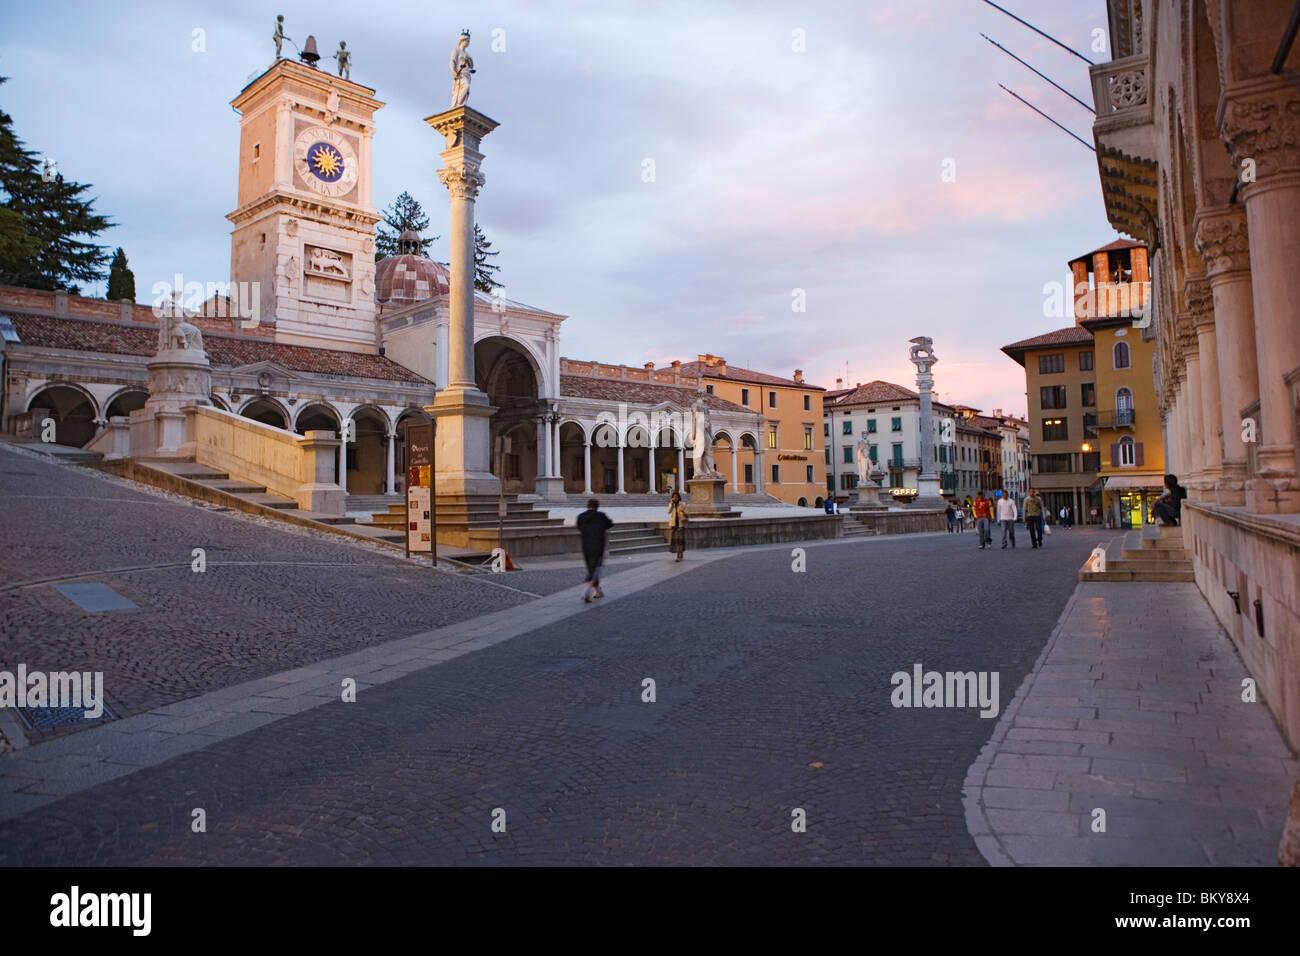 Loggia di San Giovanni on the Piazza della Liberta in Udine, Friuli-Venezia Giulia, Italy Stock Photo